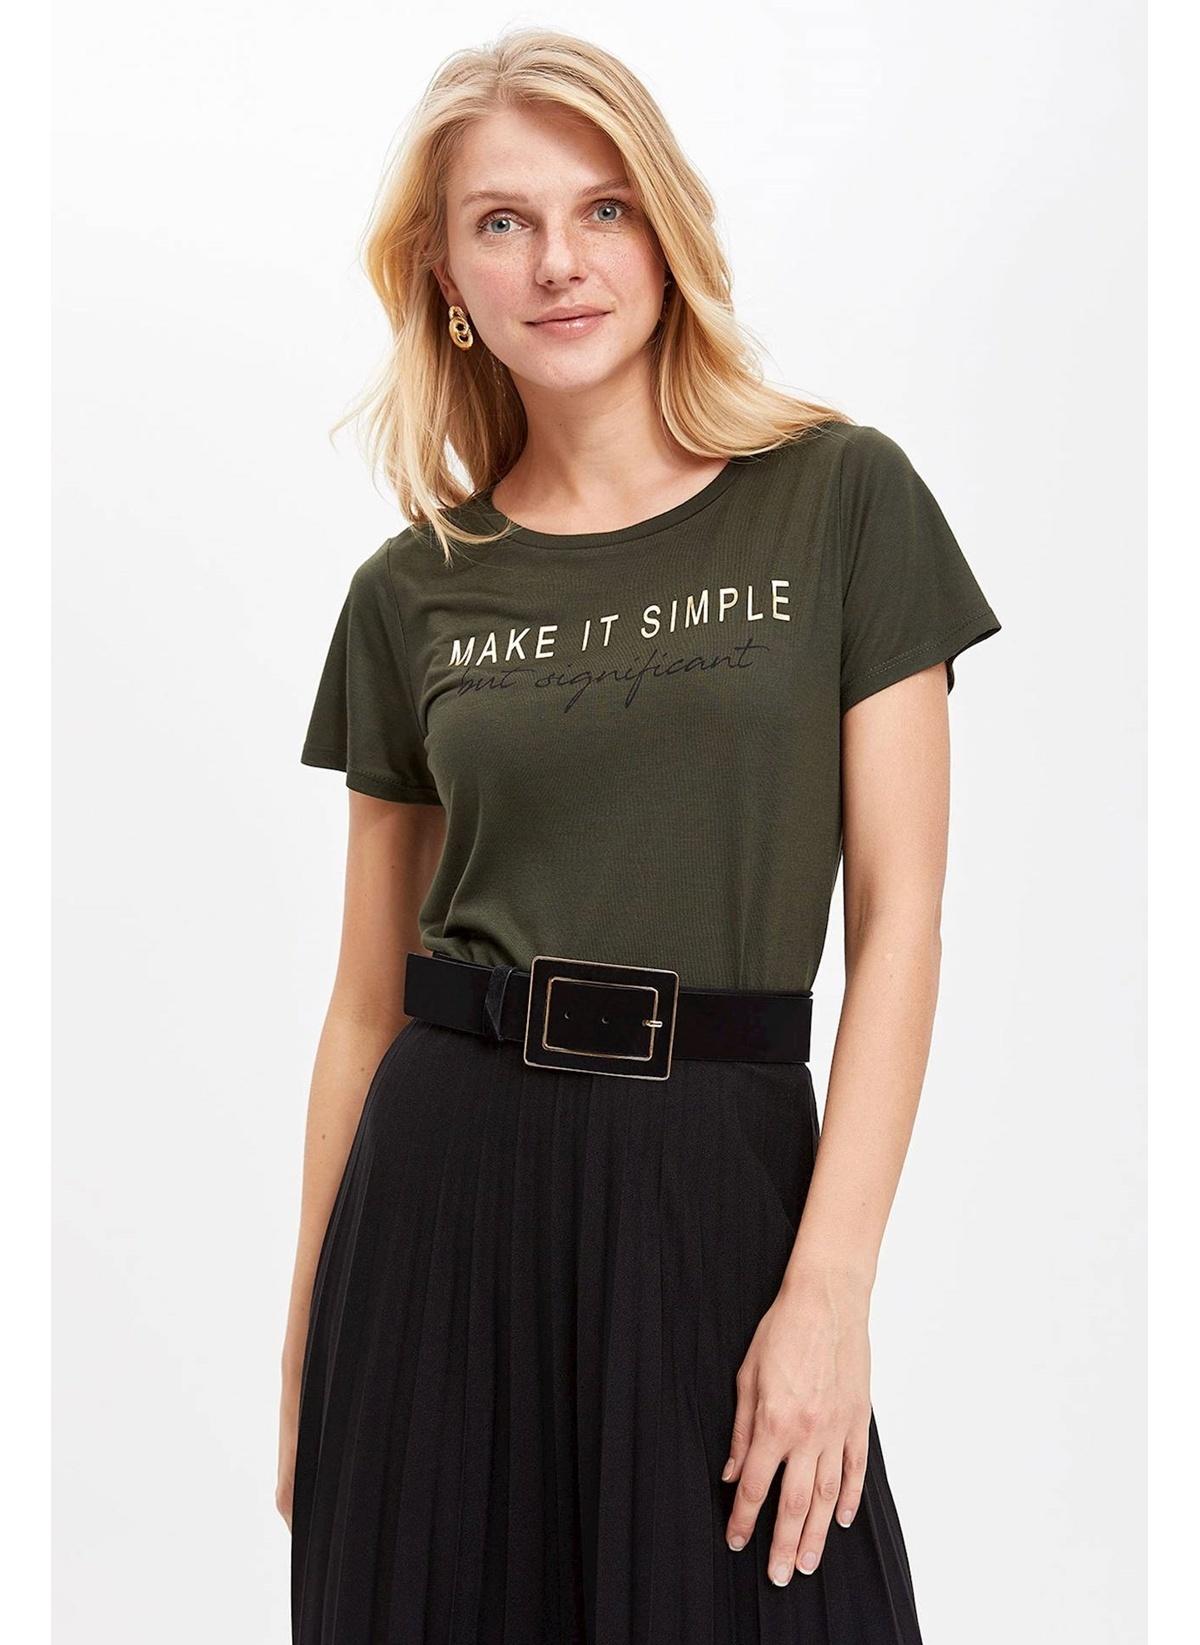 Defacto Slogan Baskılı Kısa Kollu T-shirt K5349az19spkh211t-shirt – 24.99 TL